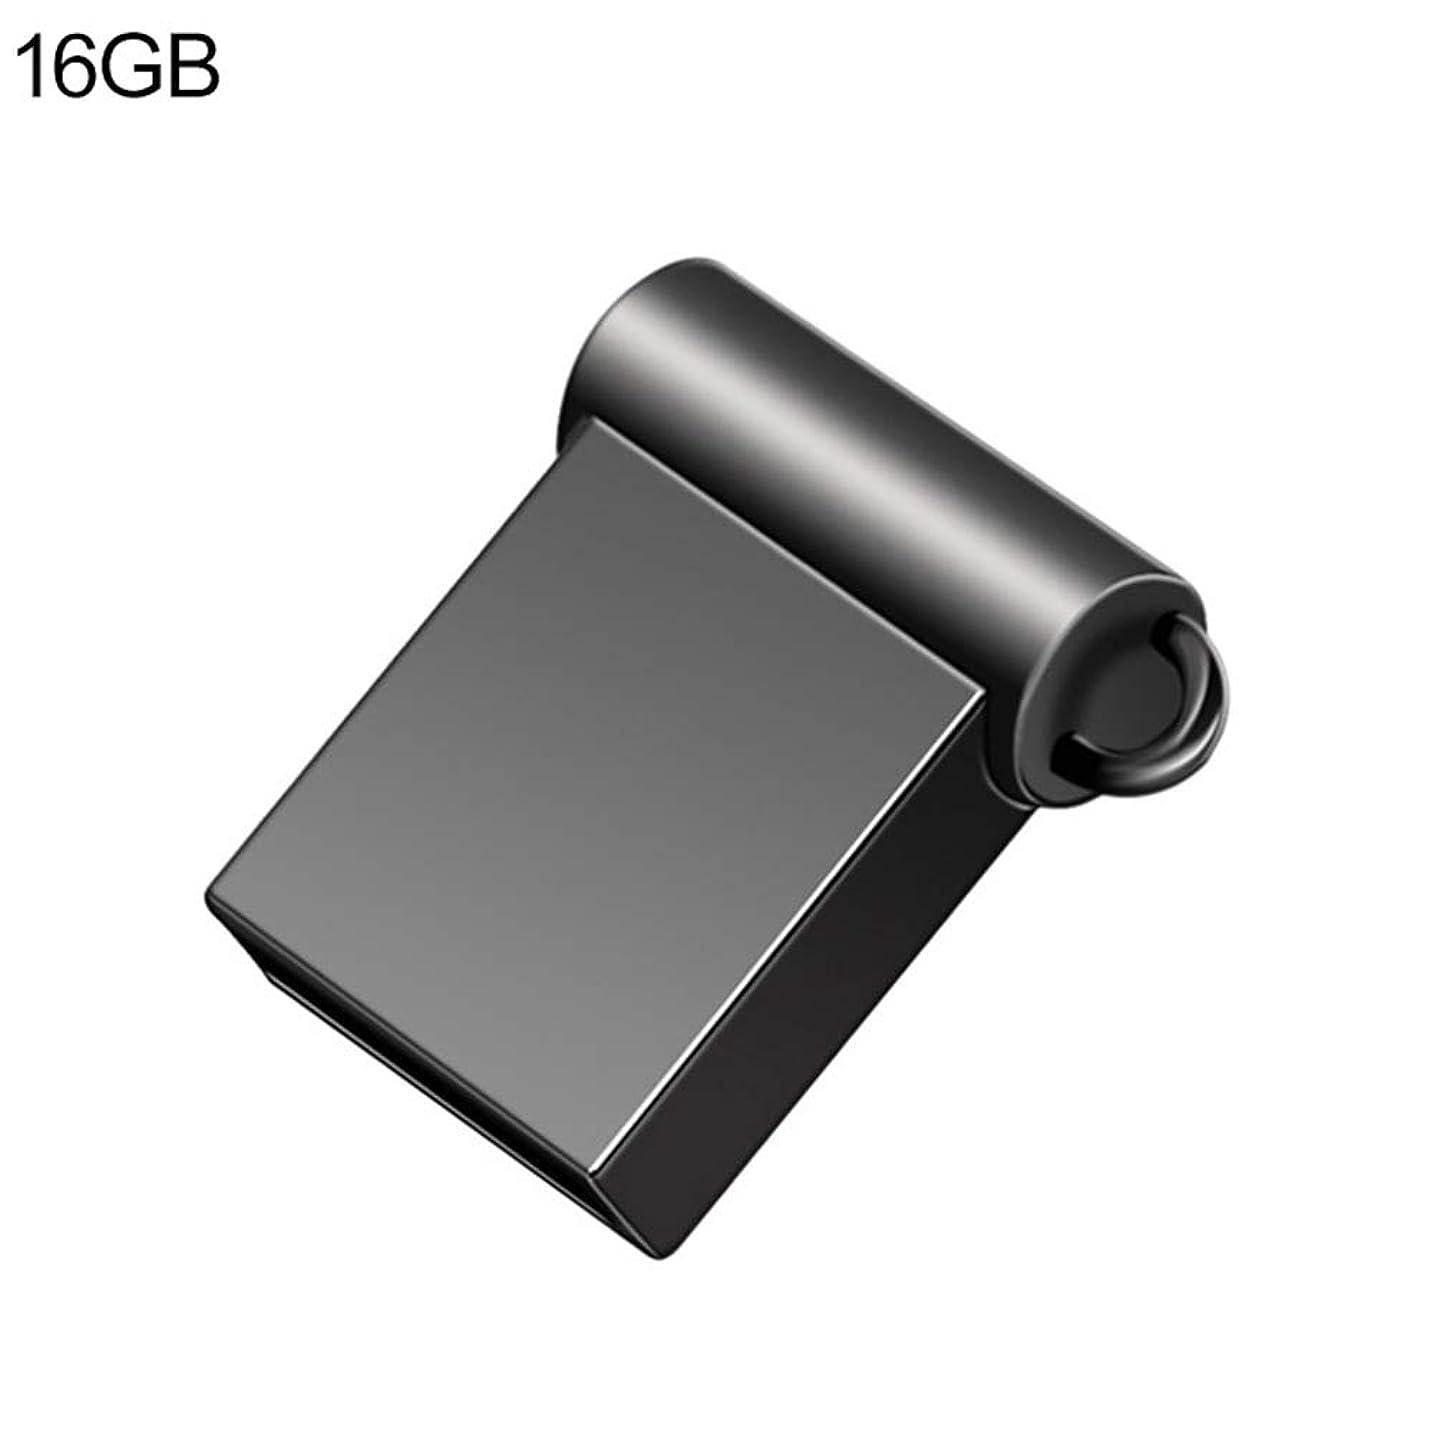 Computer Accessories, 4/8/16/32/64GB Metal Mini USB 2.0 U Disk Flash Drive Data Storage Memory Stick - Black 16GB